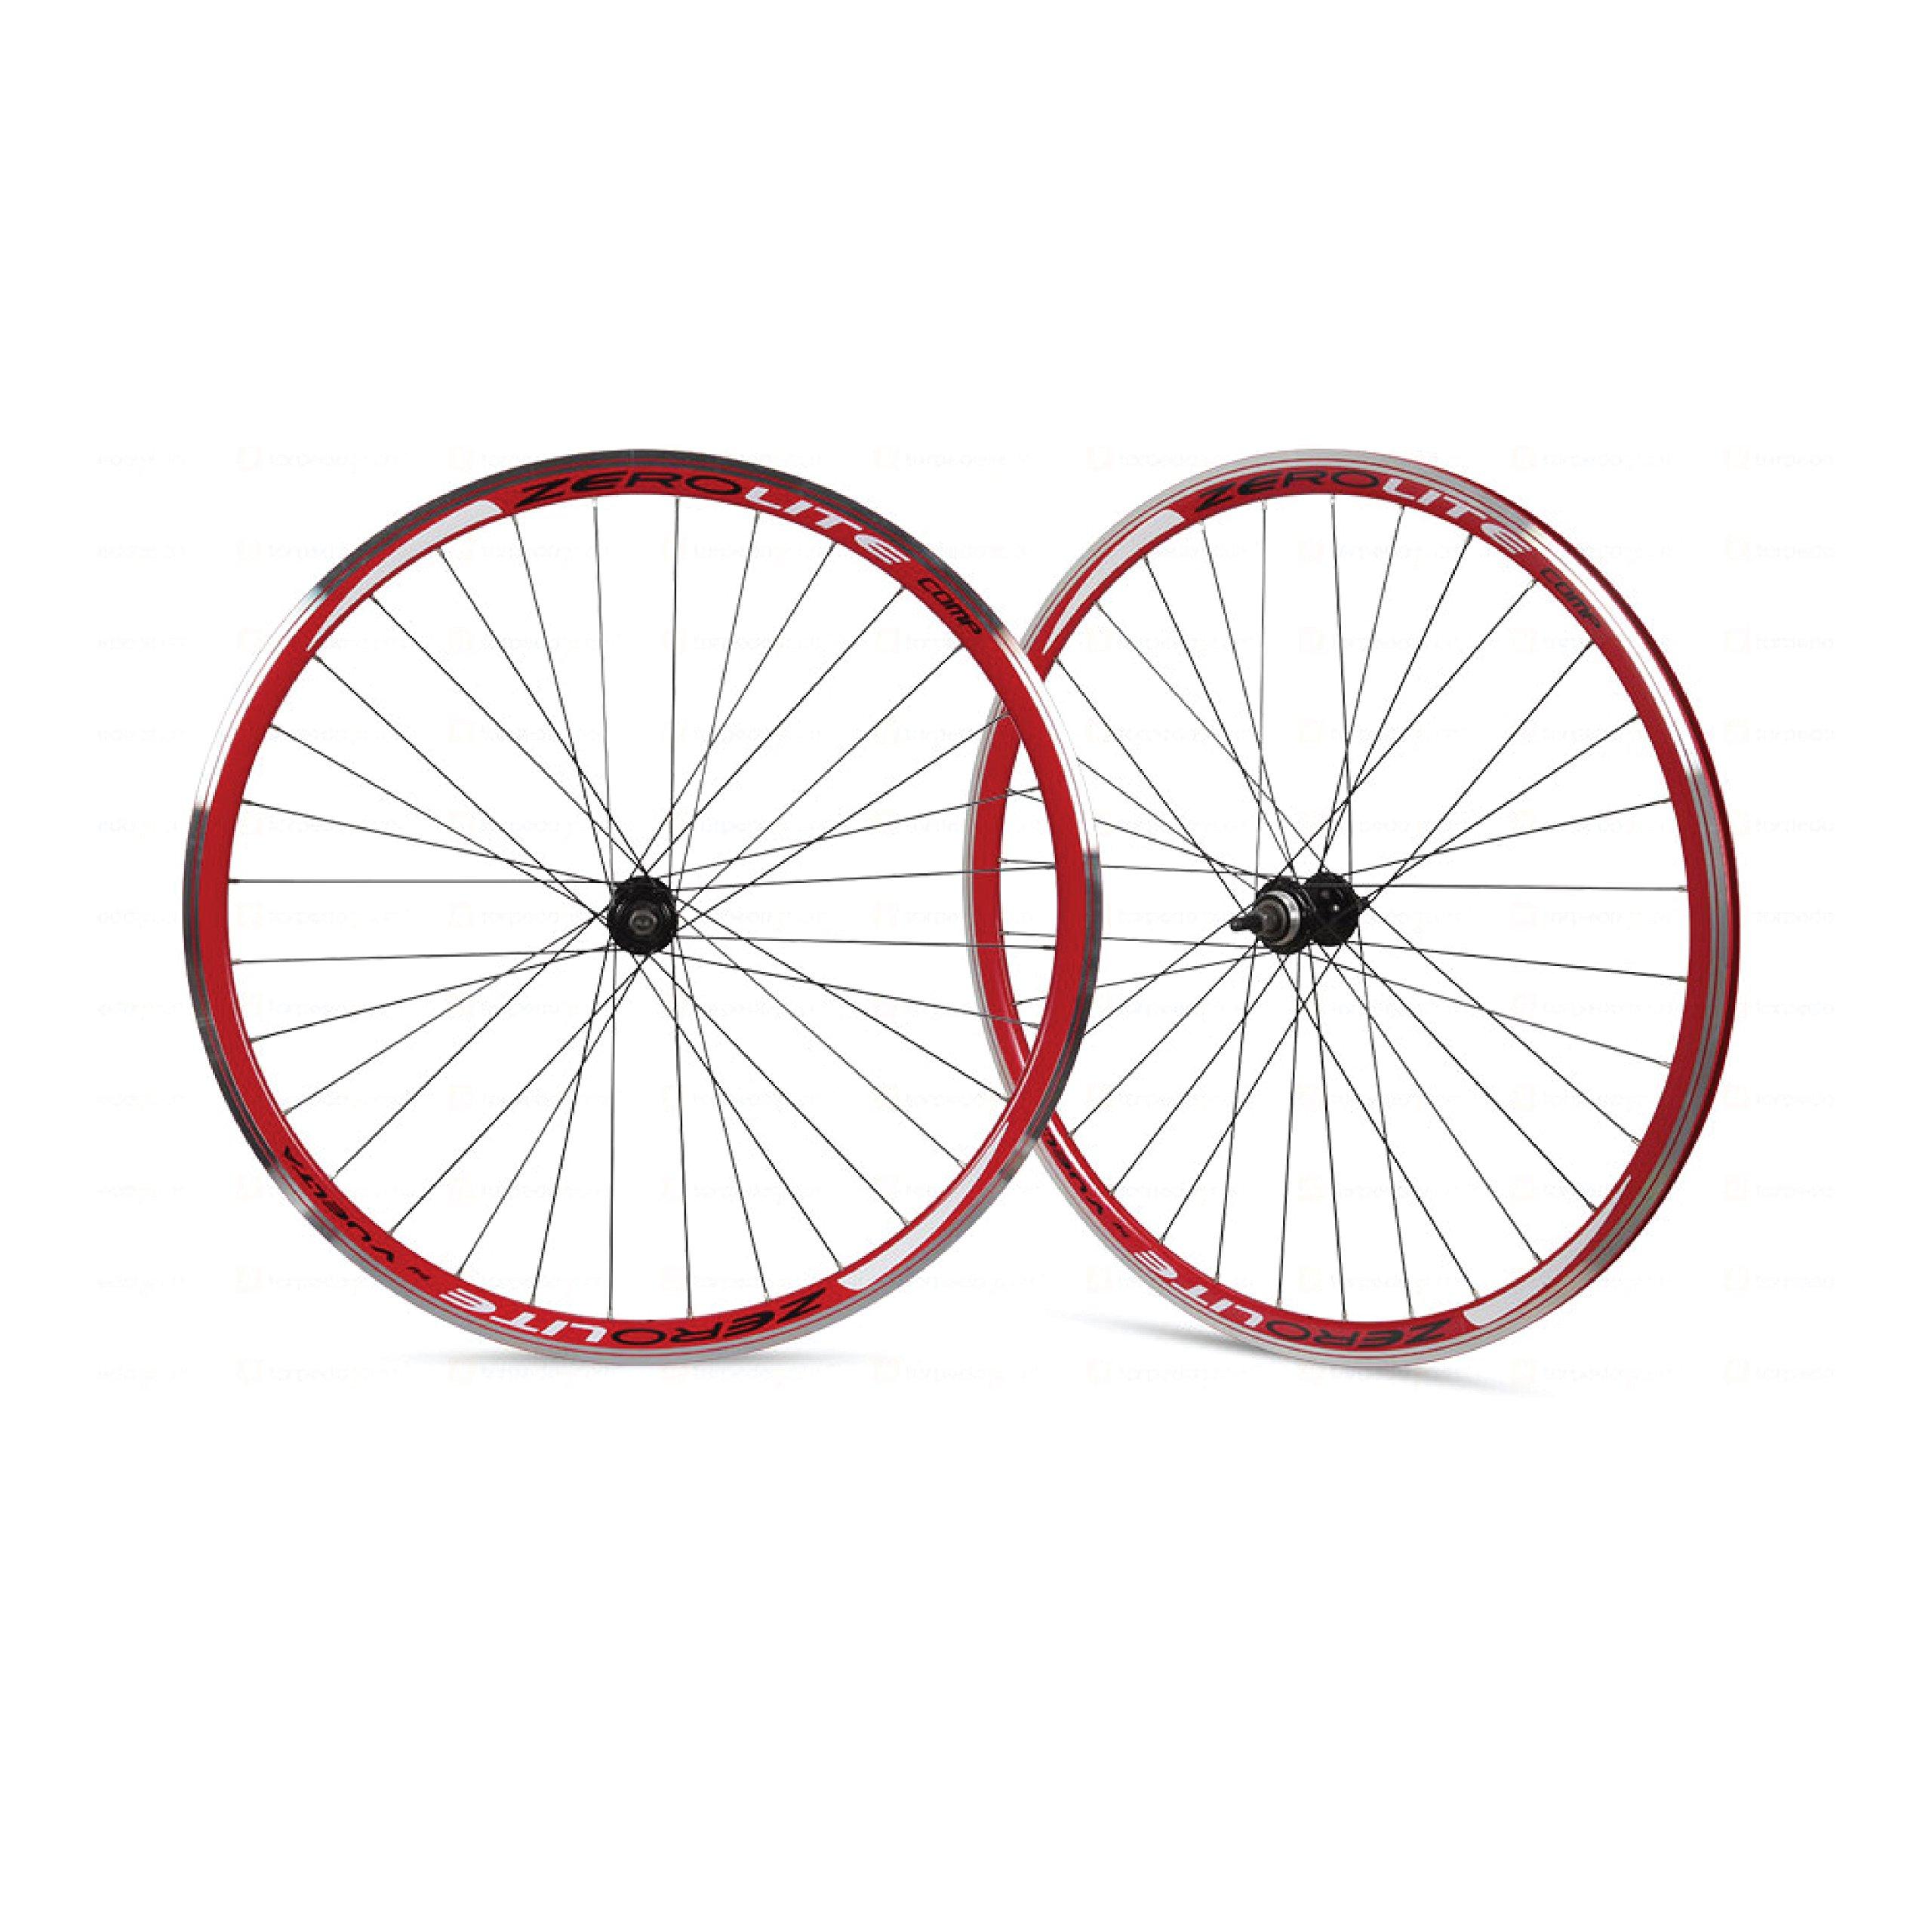 Vuelta ZeroLite Track Comp 700C Wheel Set (Red) by Vuelta